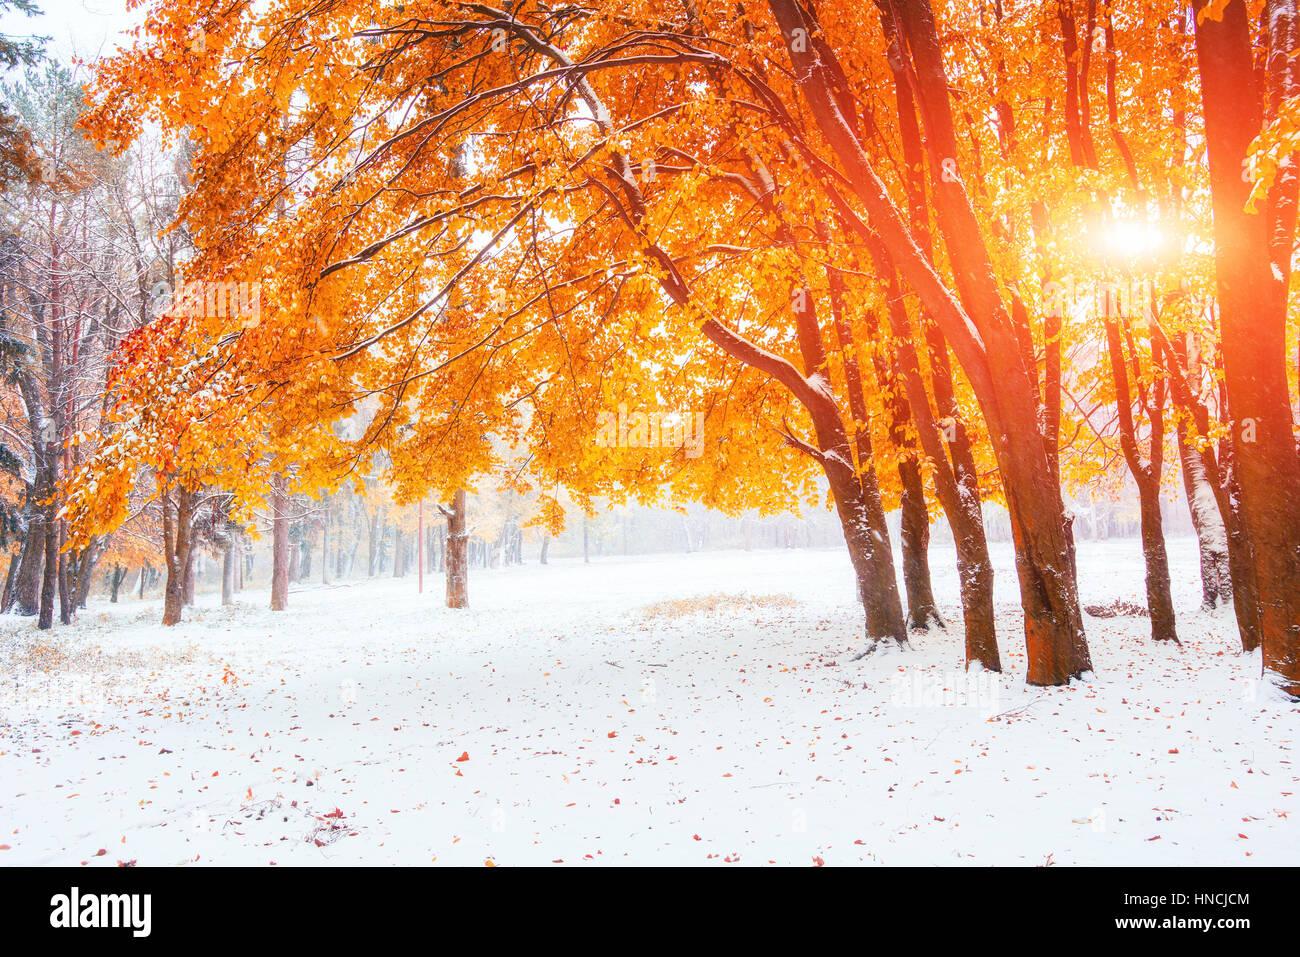 La lumière du soleil transperce l'automne des feuilles des arbres dans l'évaluation environnementale Photo Stock